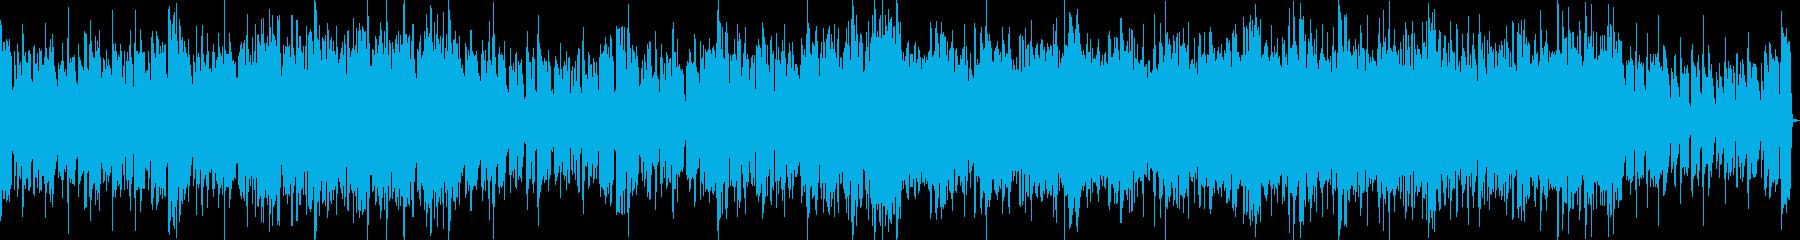 疾走感のあるエレキ四つ打ち戦闘曲の再生済みの波形